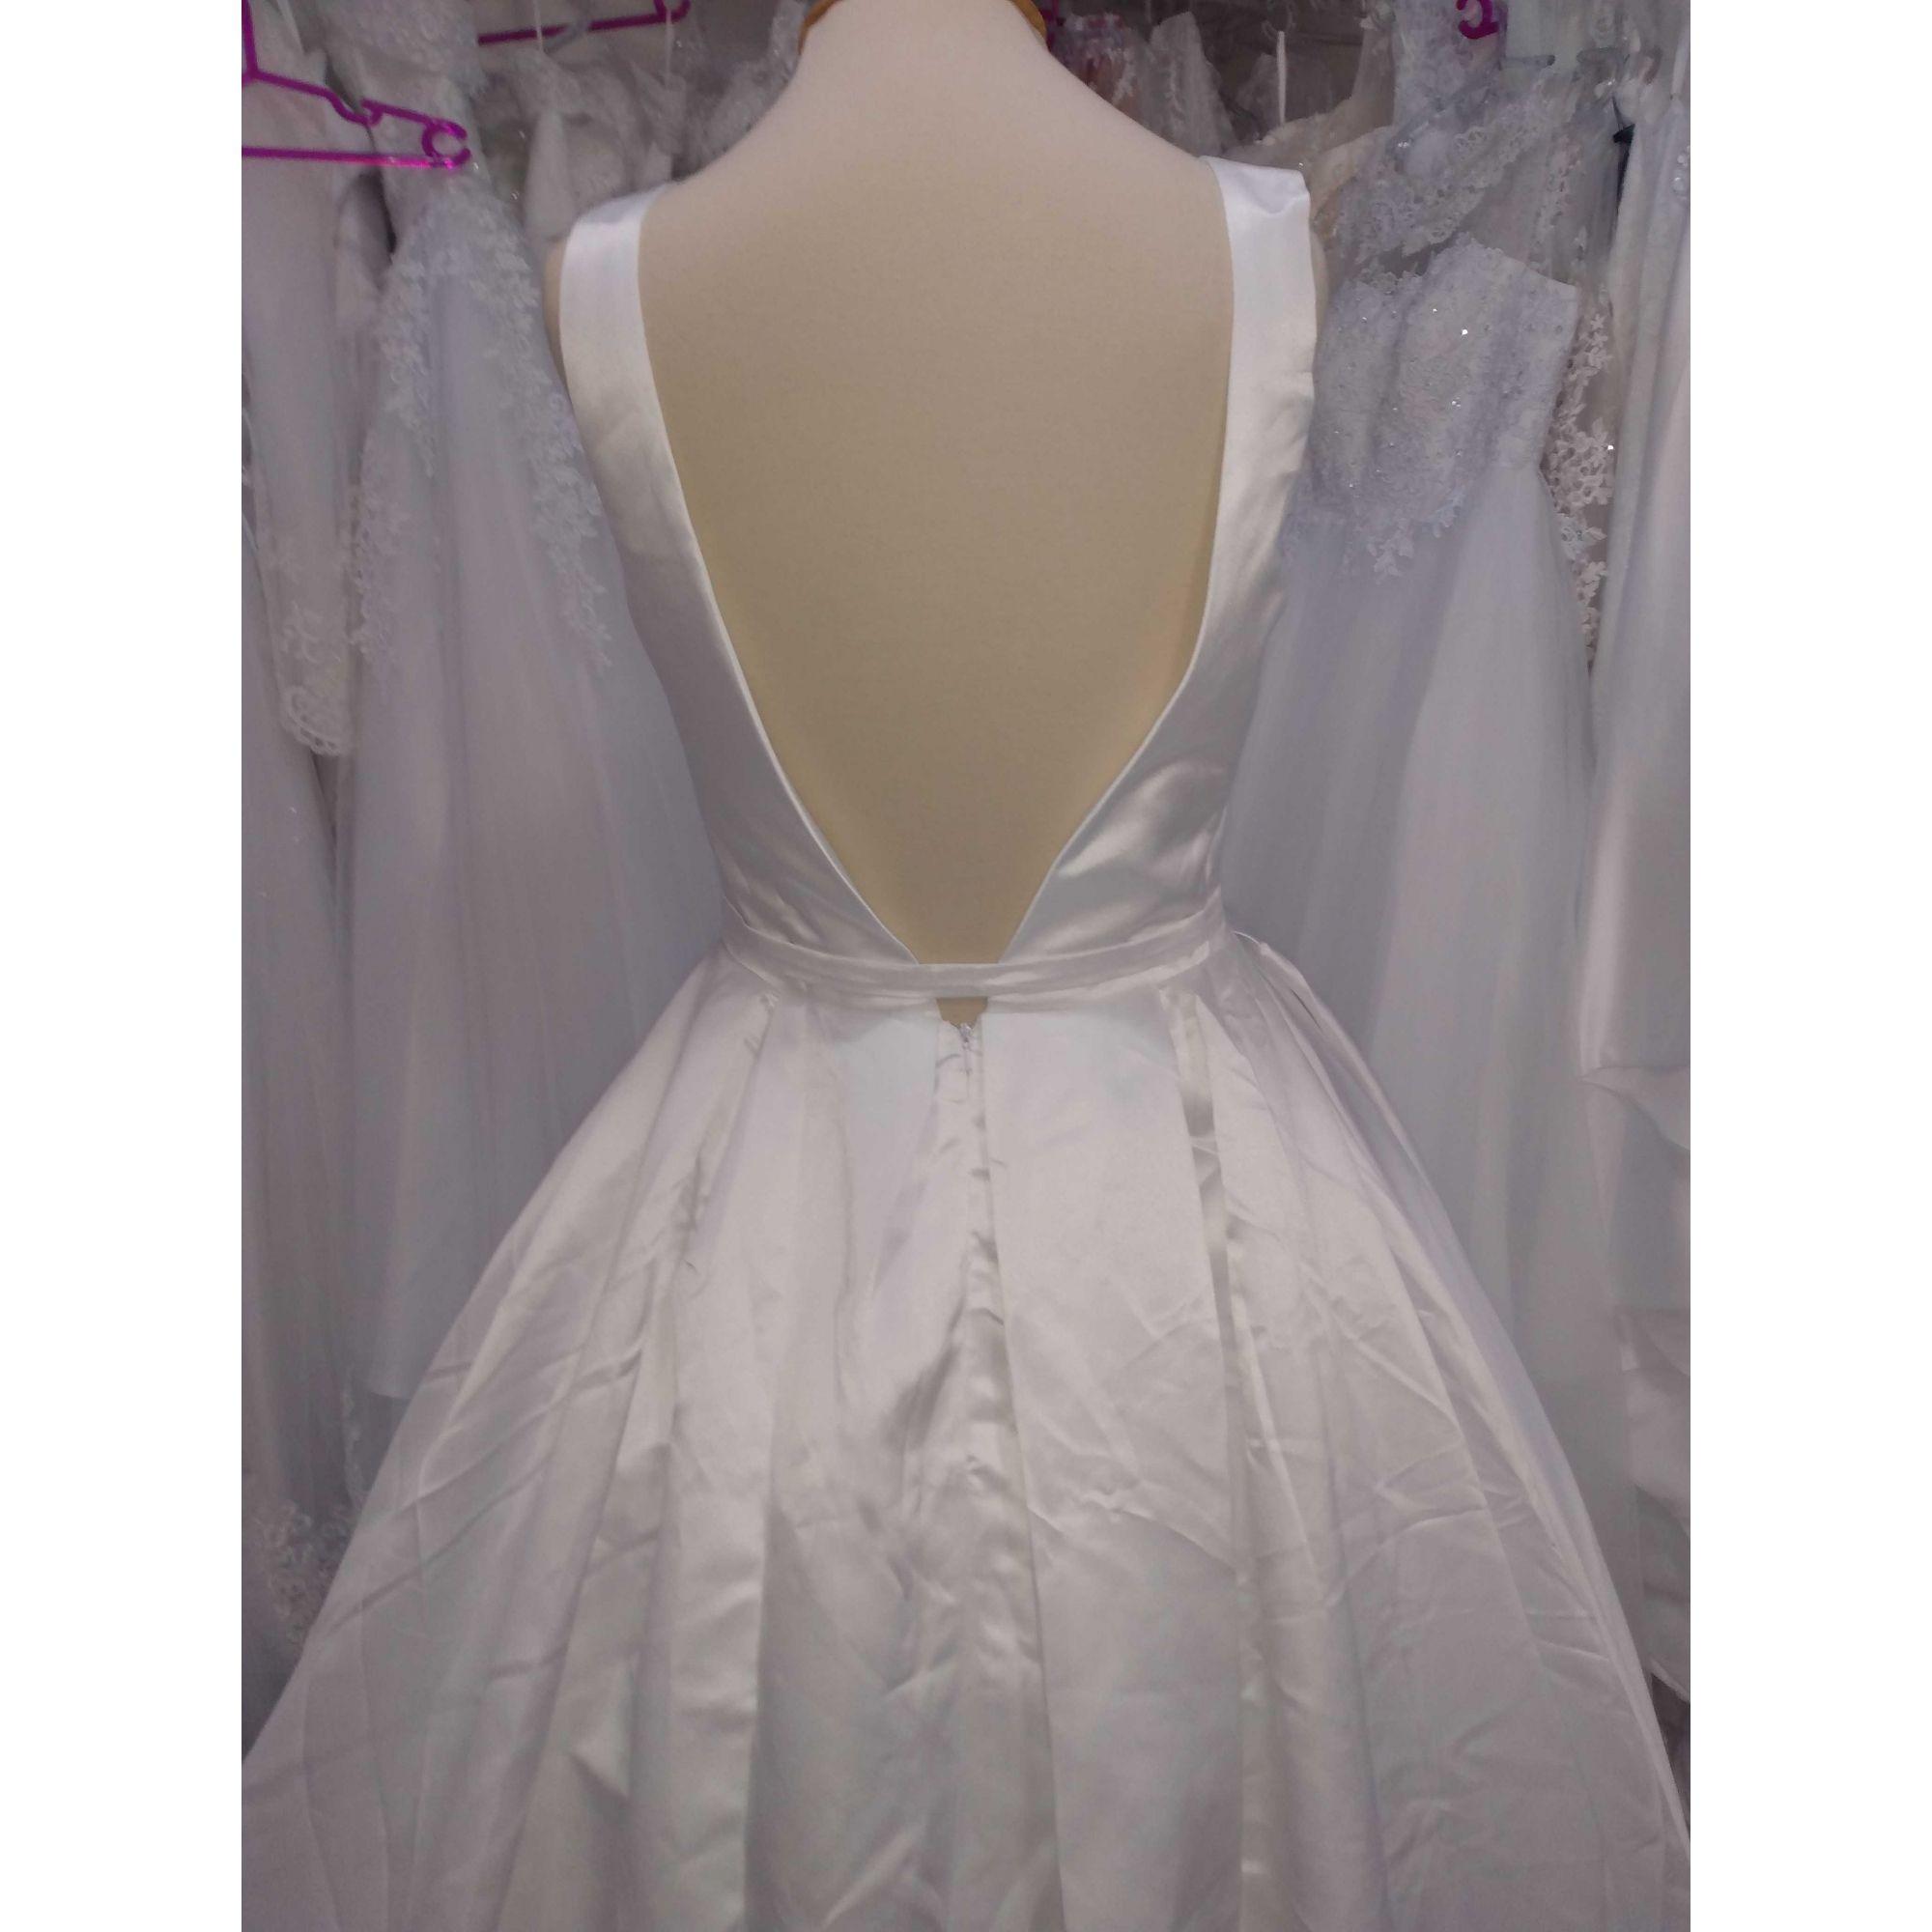 Vestido de Noiva Grecia em Cetim